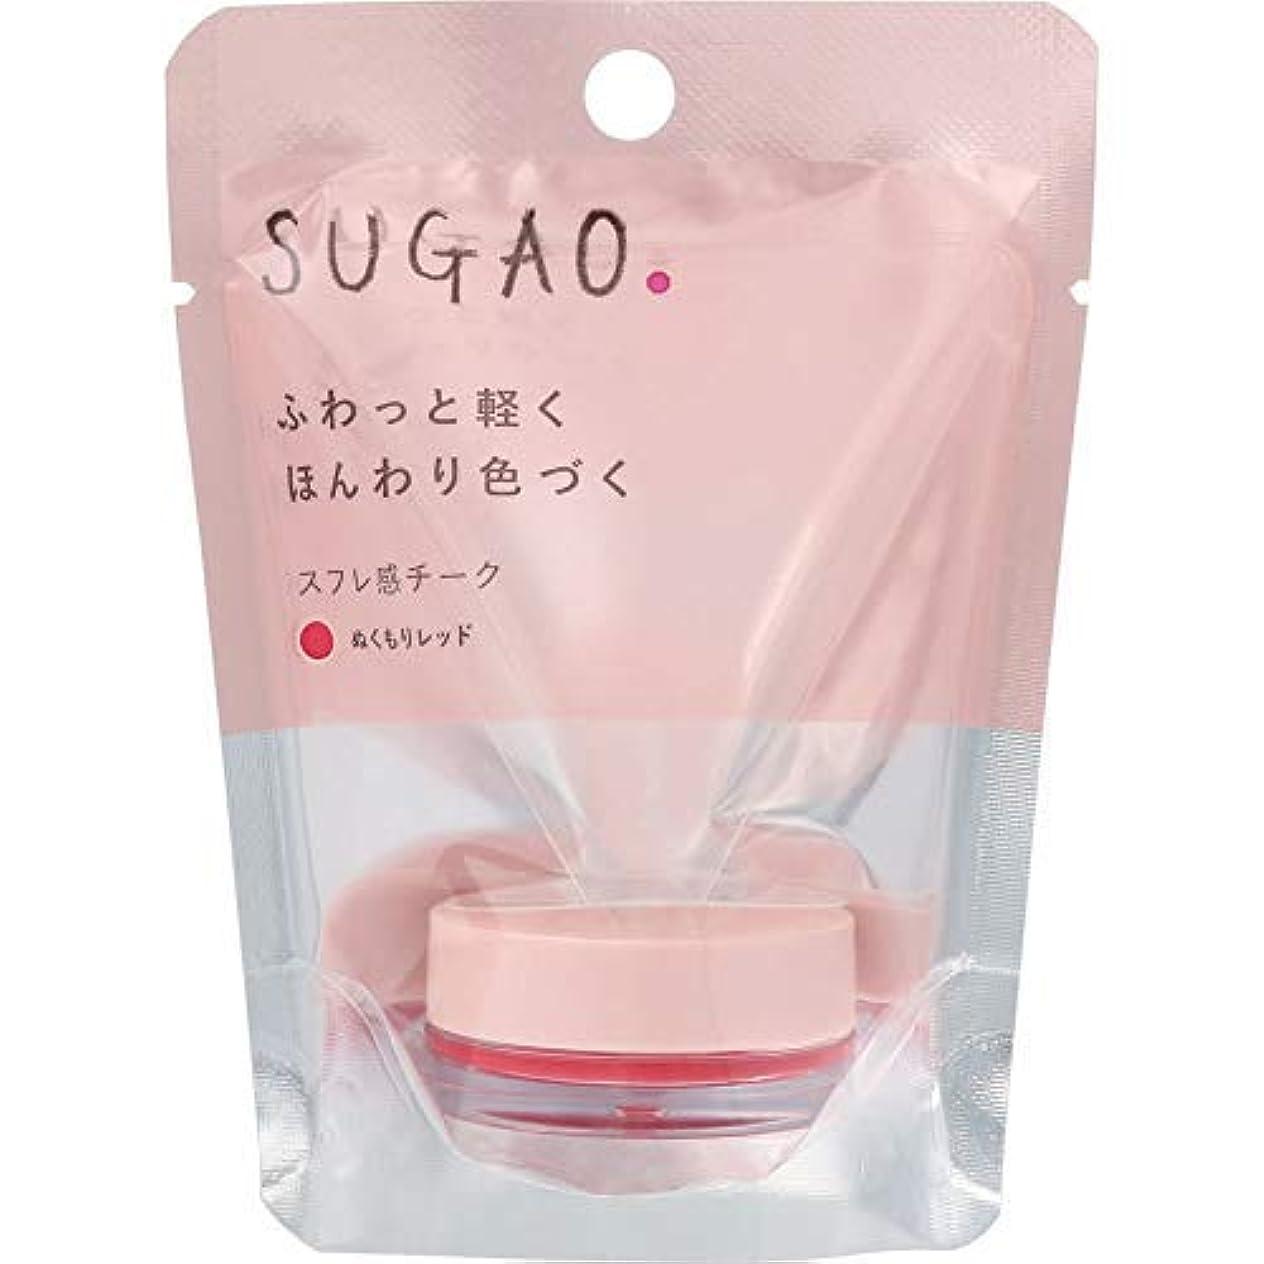 SUGAO スフレ感チーク ぬくもりレッド × 9個セット